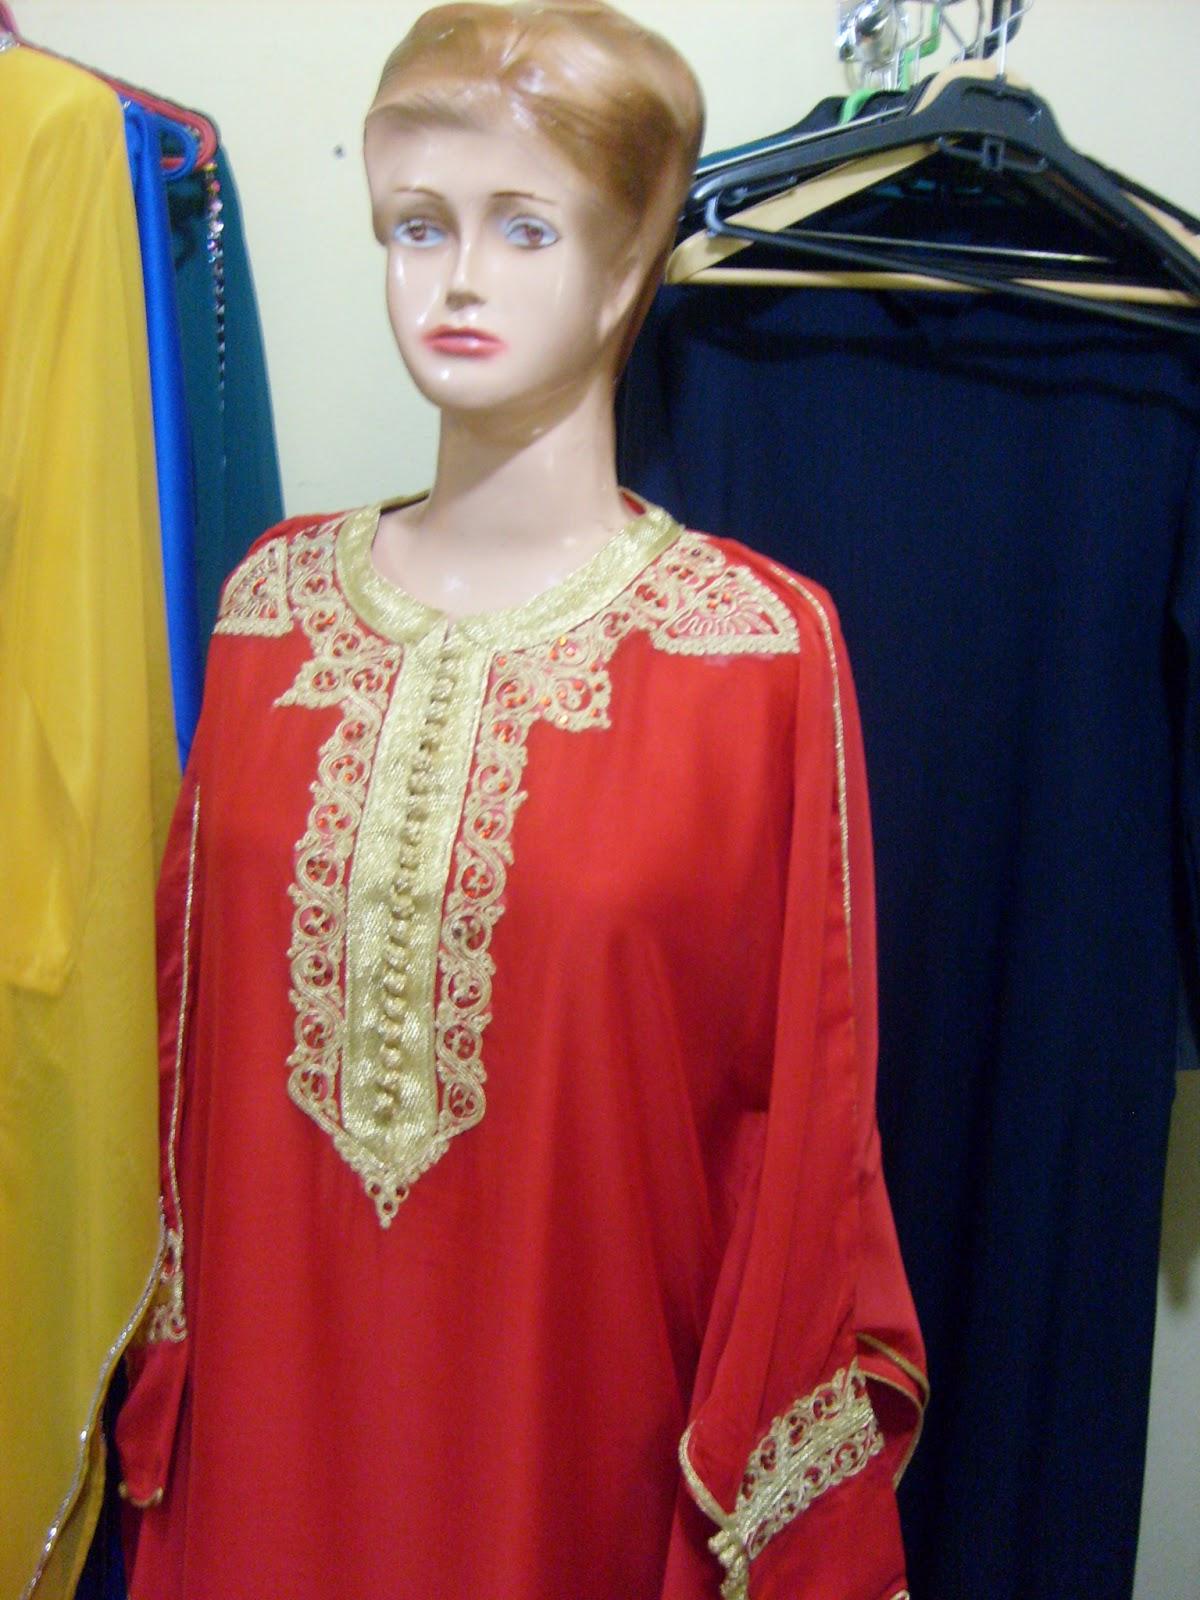 بالصور عبايات مغربية , المغرب وملابسه الجميله 5503 5